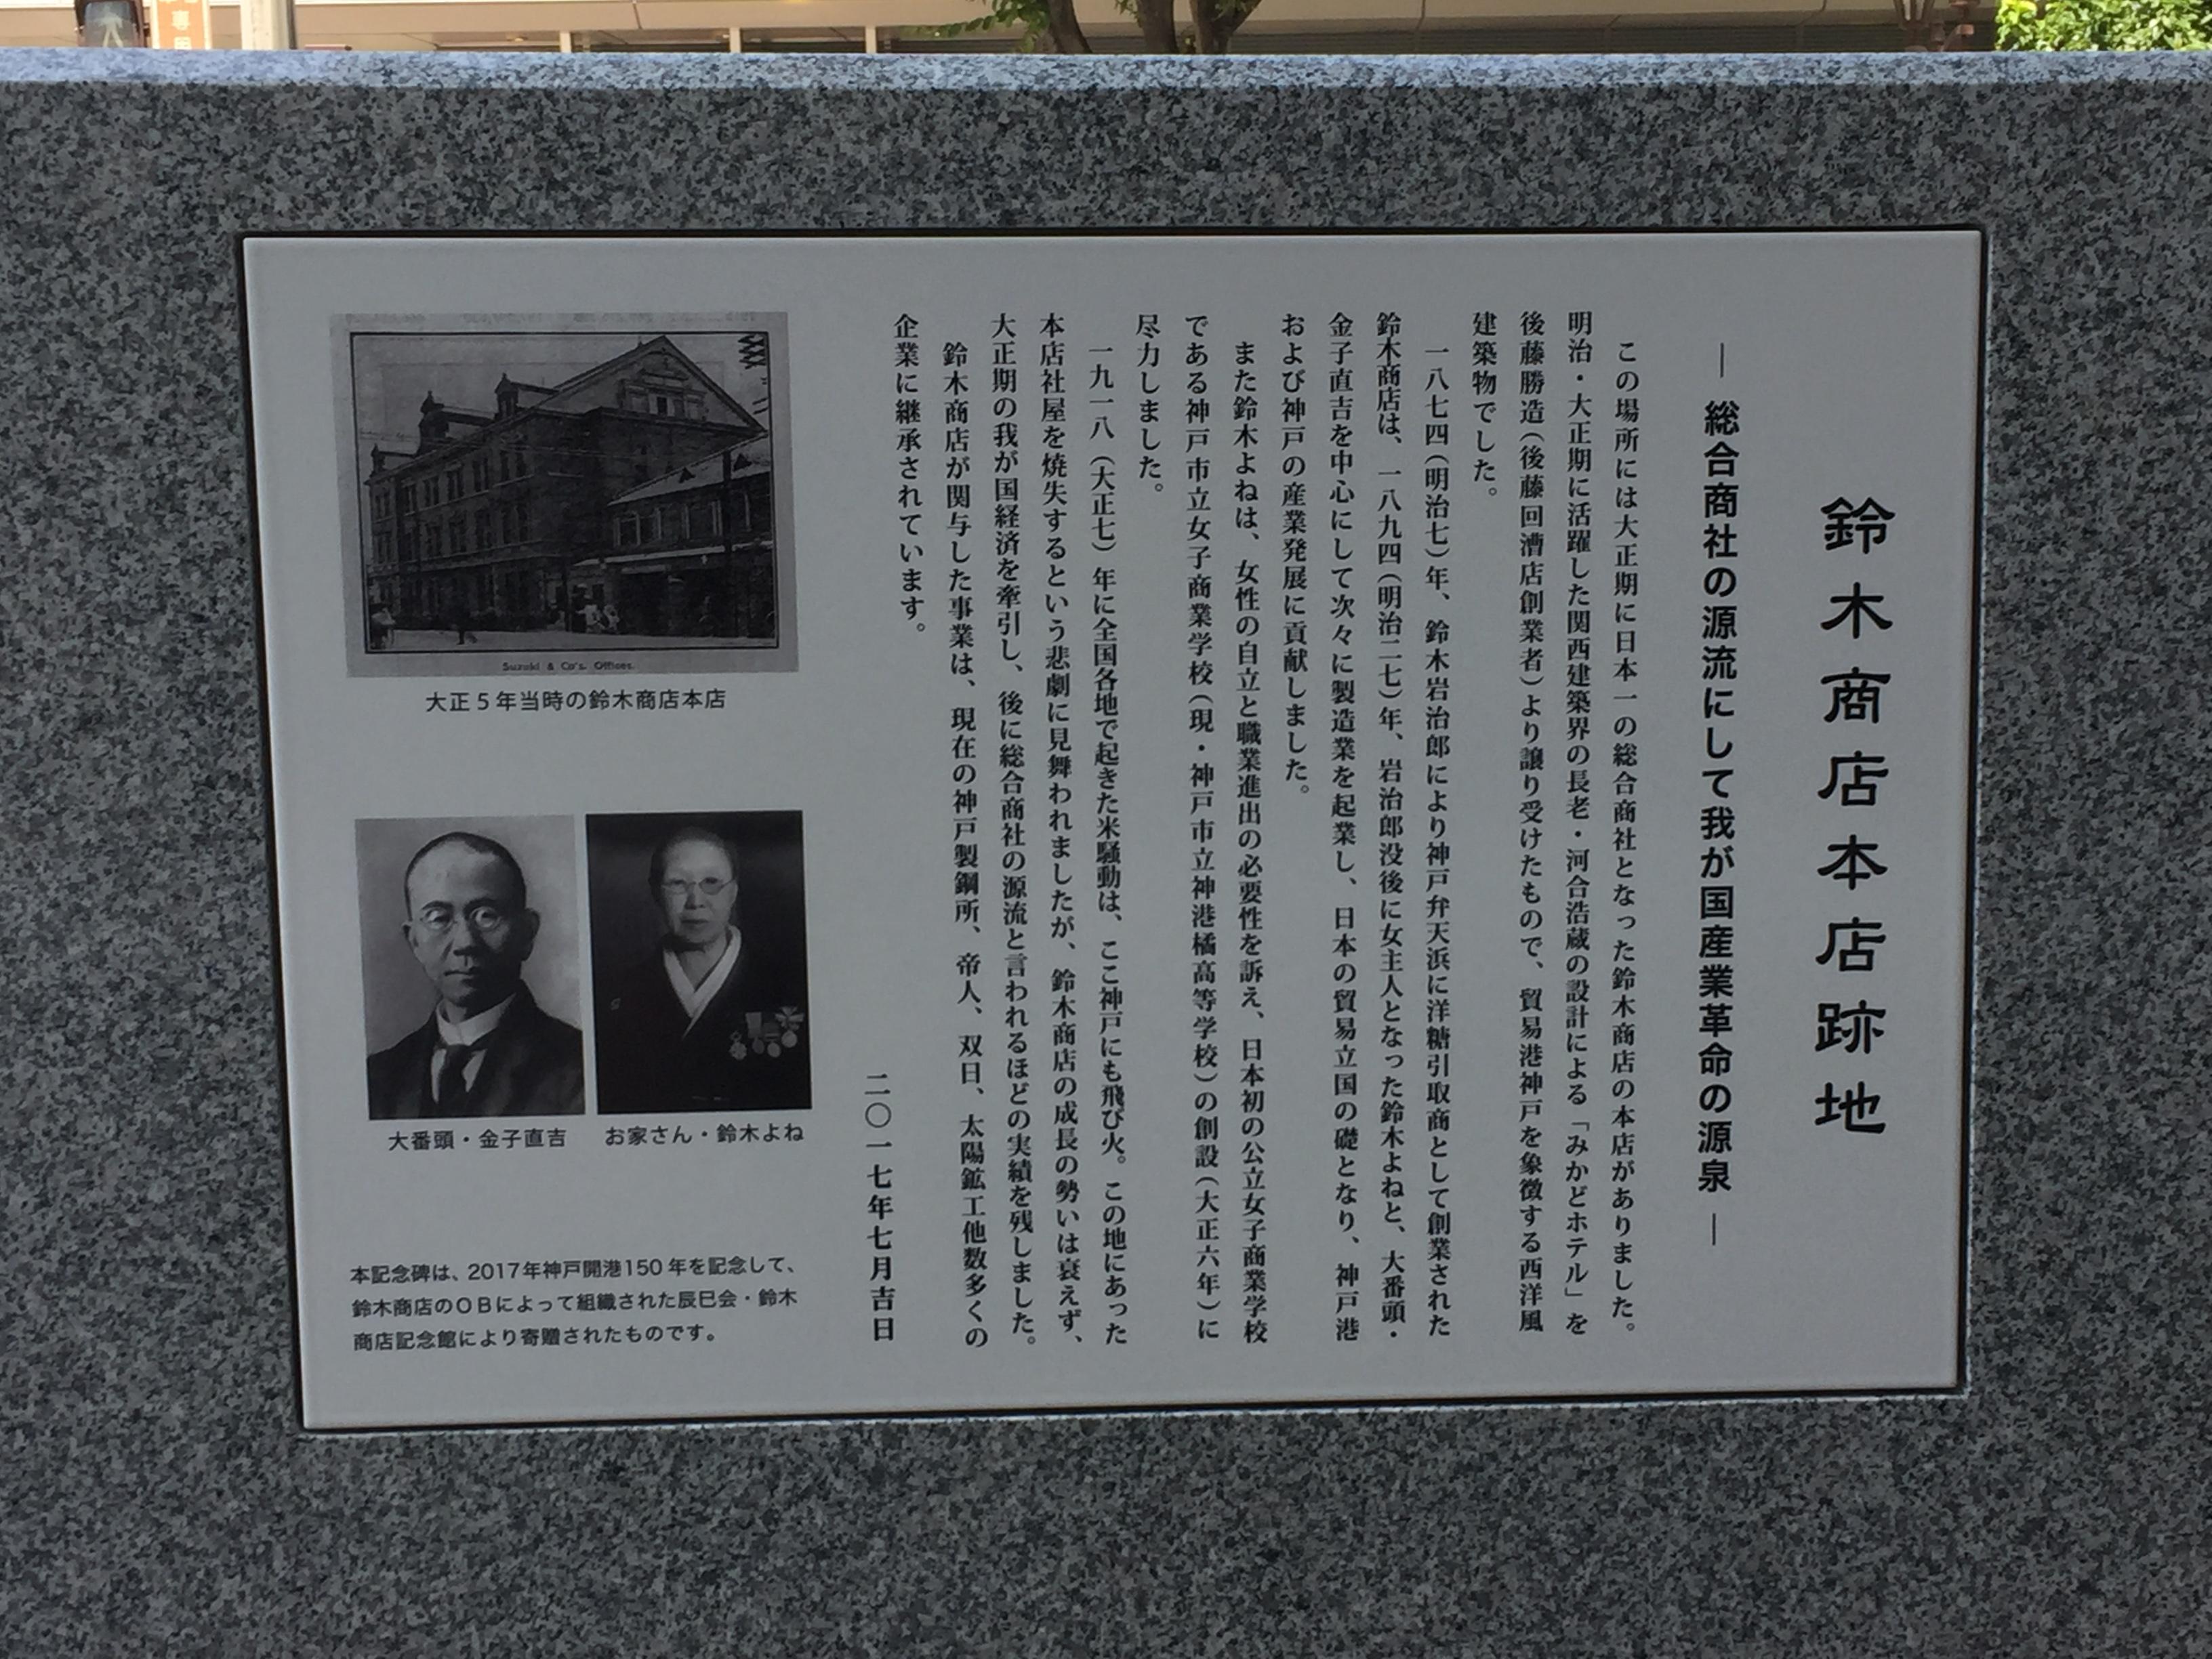 神戸ゆかりの商社「鈴木商店」の記念碑が神戸中央郵便局の向かい側に設置されたよ【写真でご紹介】#鈴木商店